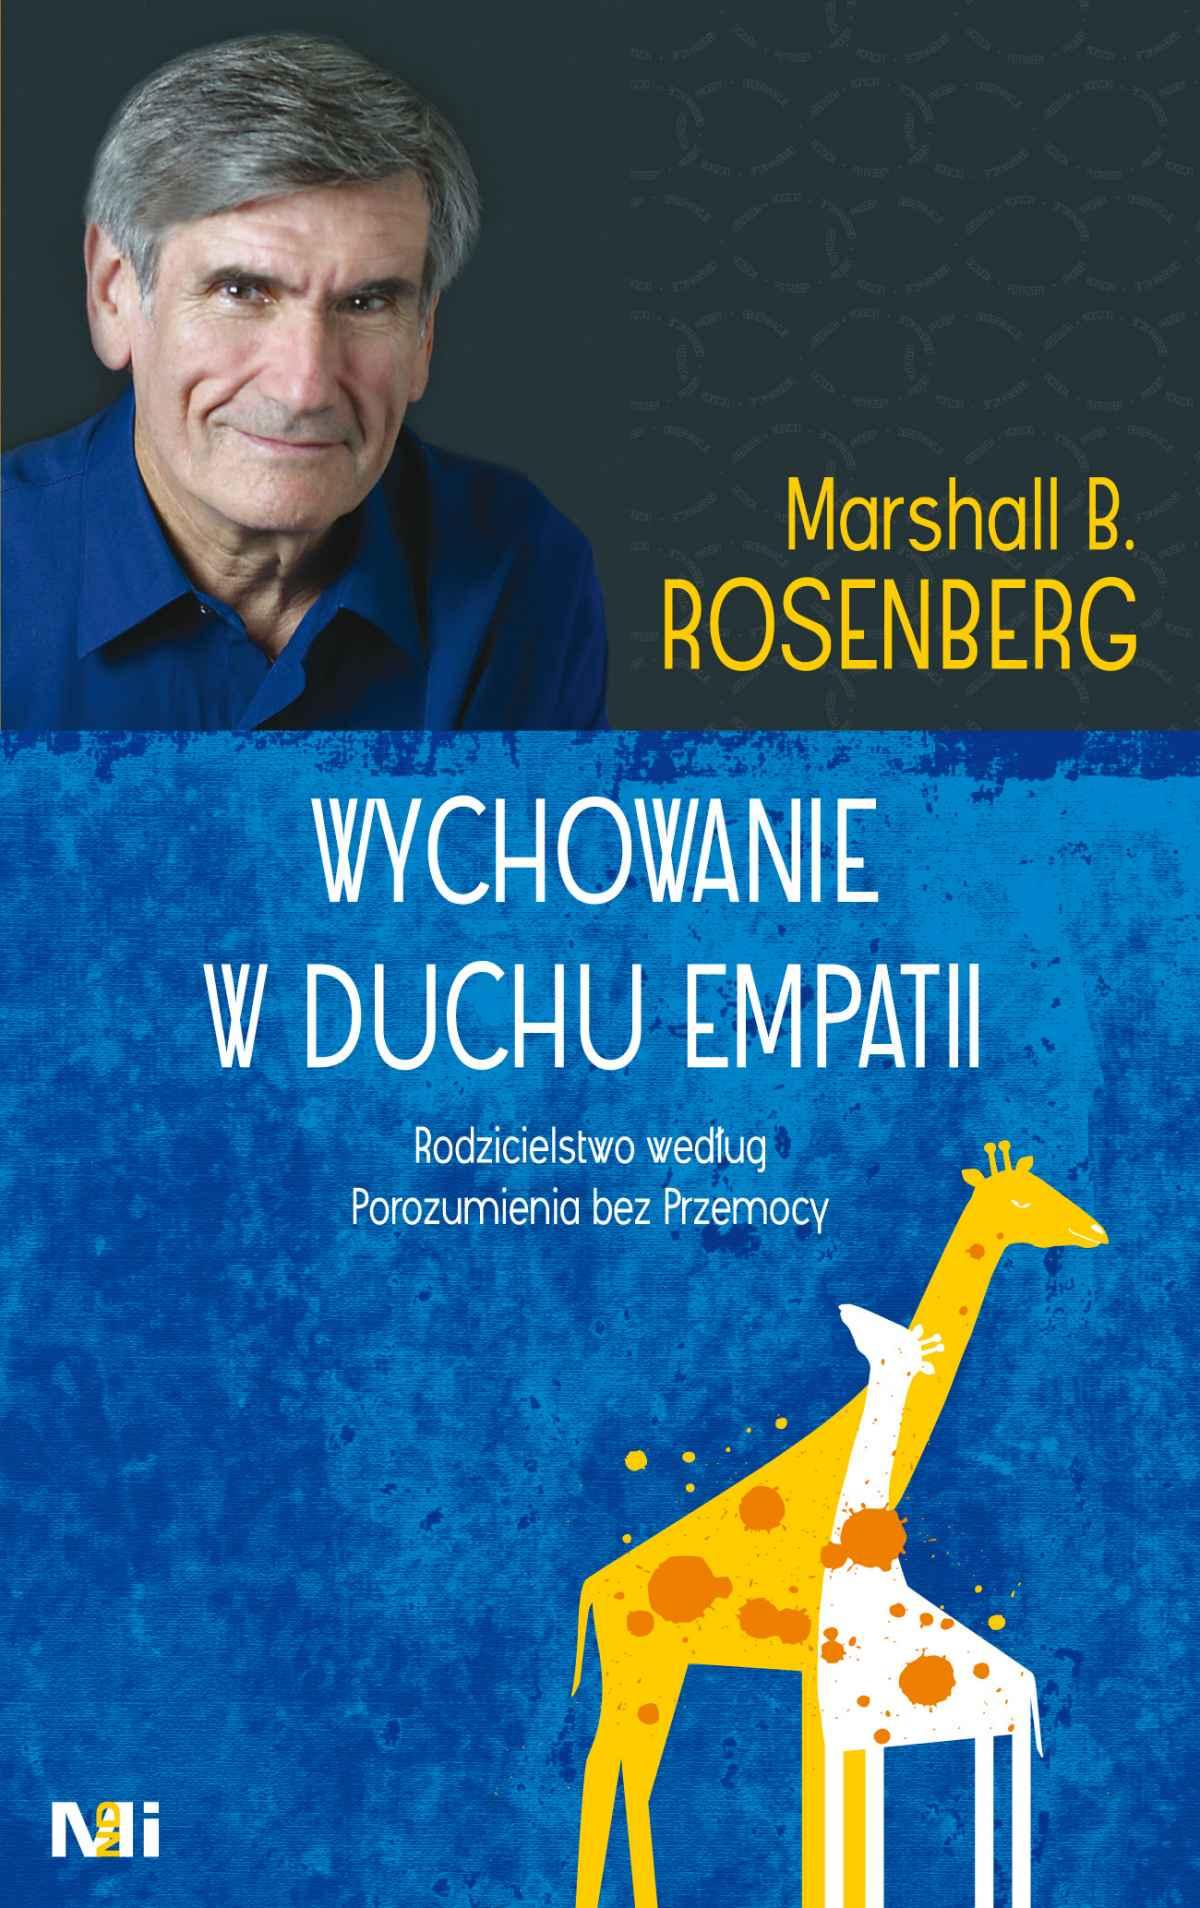 Wychowanie w duchu empatii. Rodzicielstwo według Porozumienia bez Przemocy - Ebook (Książka na Kindle) do pobrania w formacie MOBI